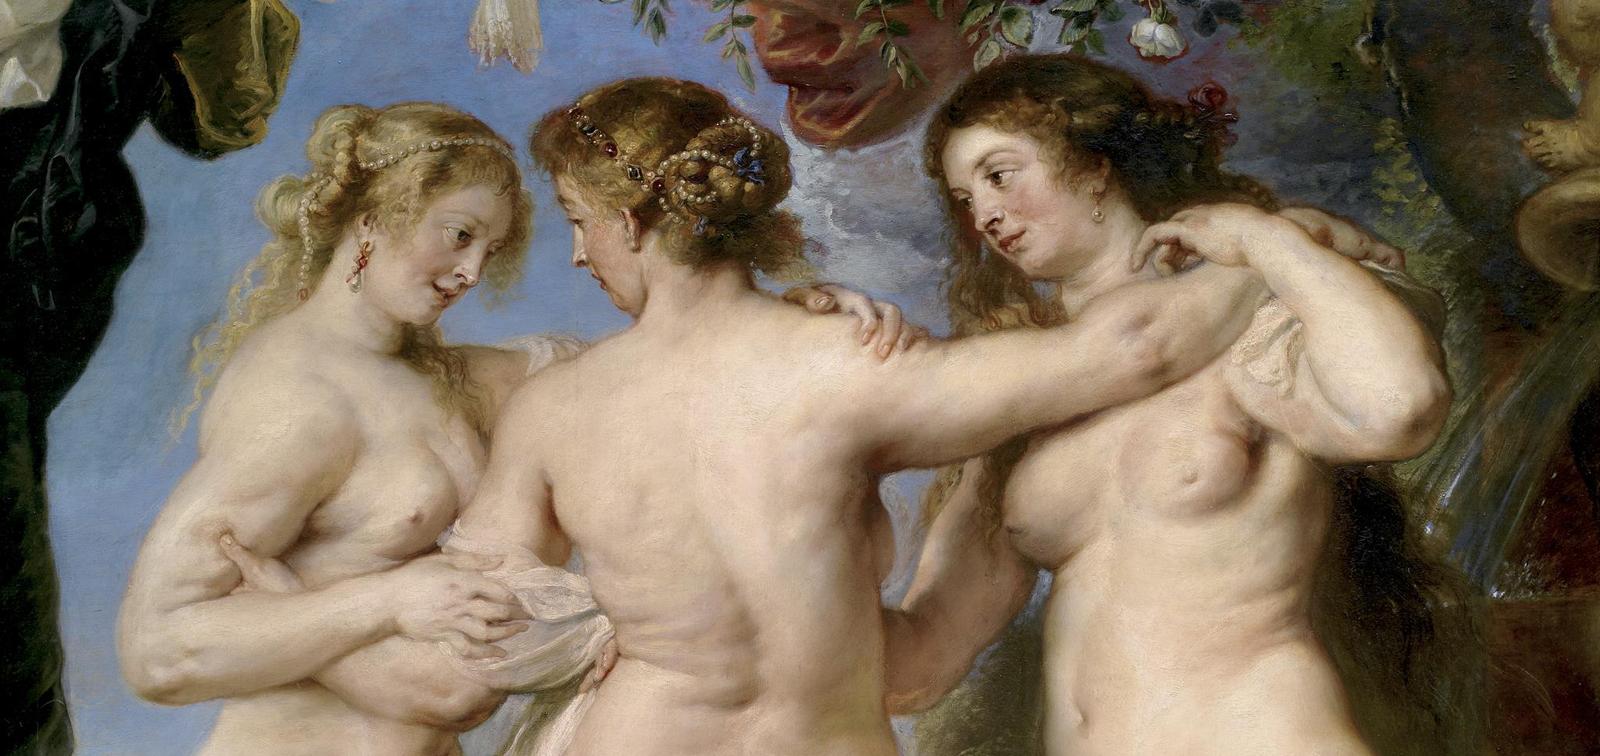 Exposición didáctica: El Museo del Prado en La Paz